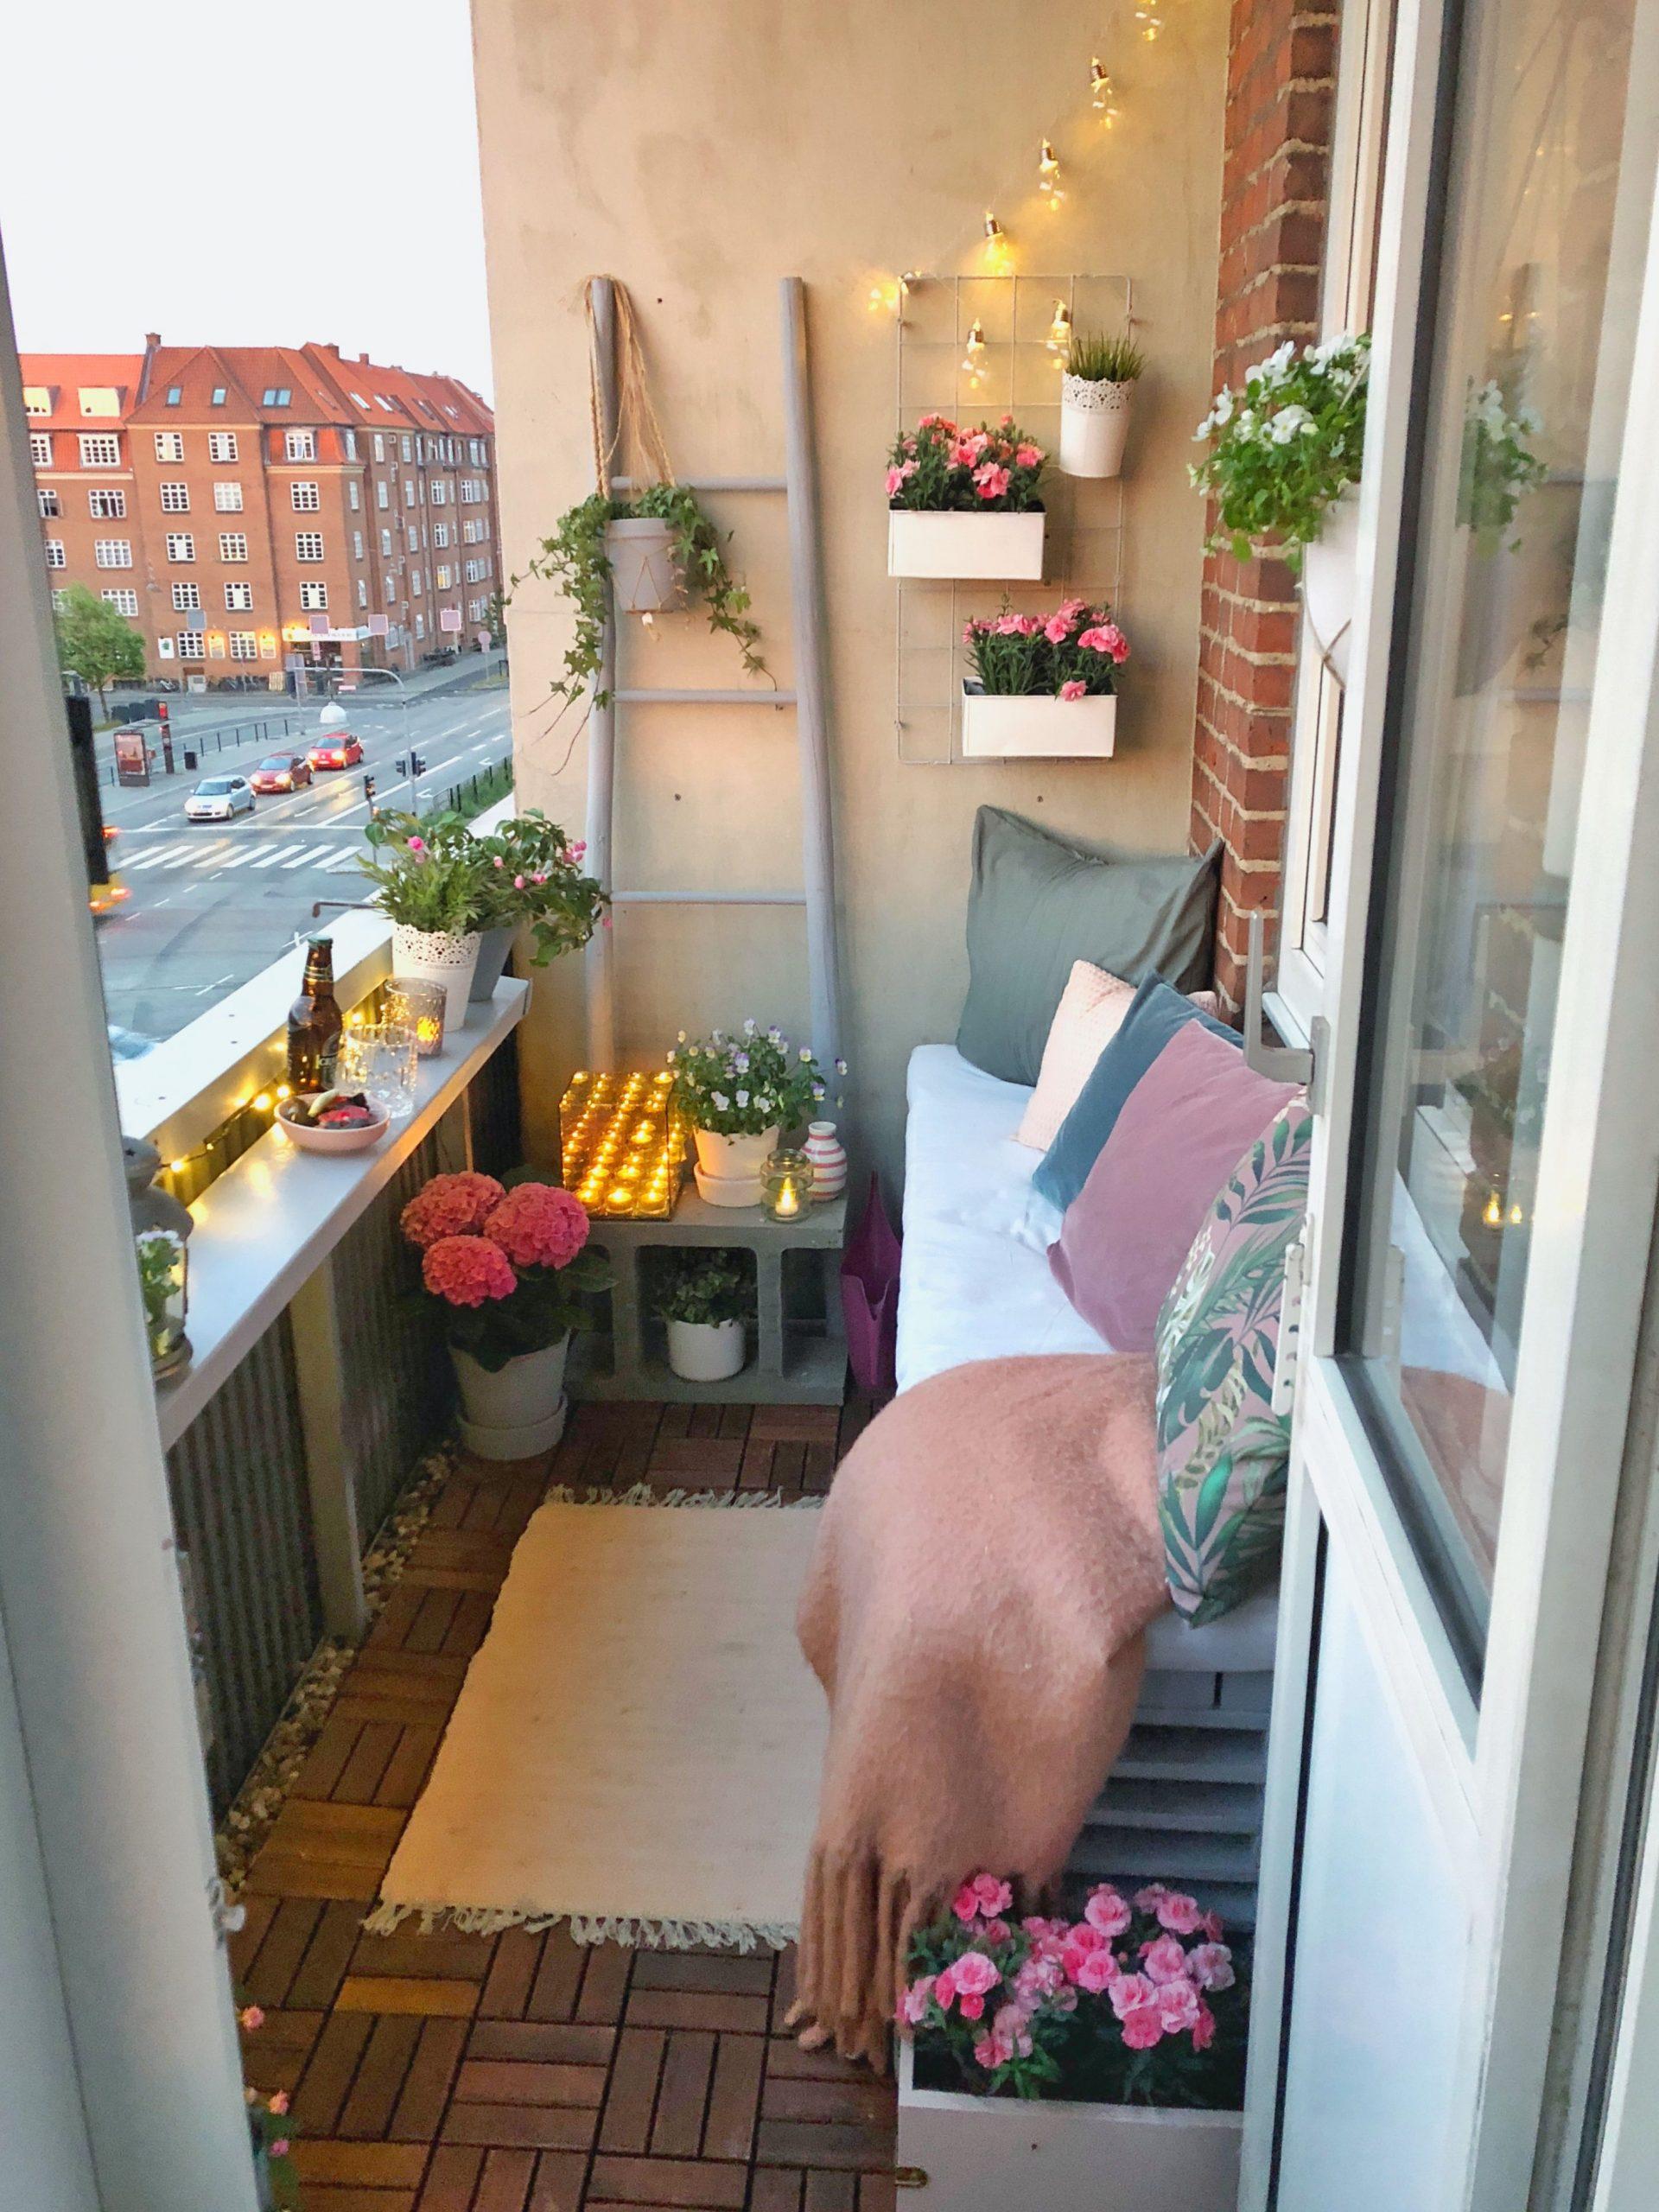 Apartment Balcony Ideas